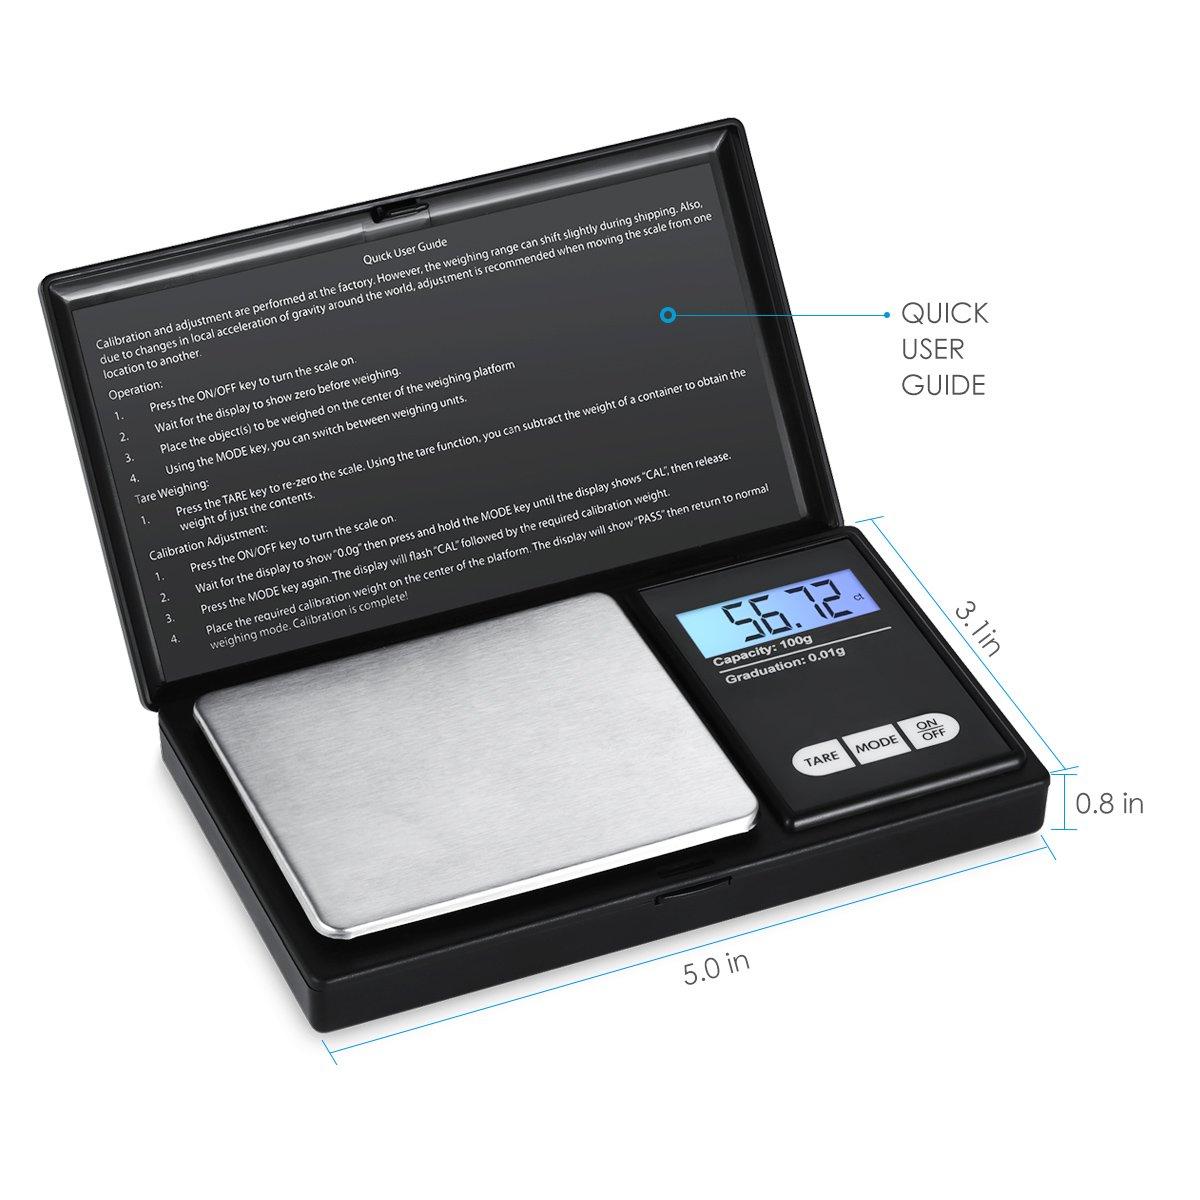 bilancia intelligente con display LCD retroilluminato e funzione tara 200g x 0.01g in acciaio INOX per Pasqua bilancia digitale tascabile, bilancia per gioielli batteria inclusa AMIR